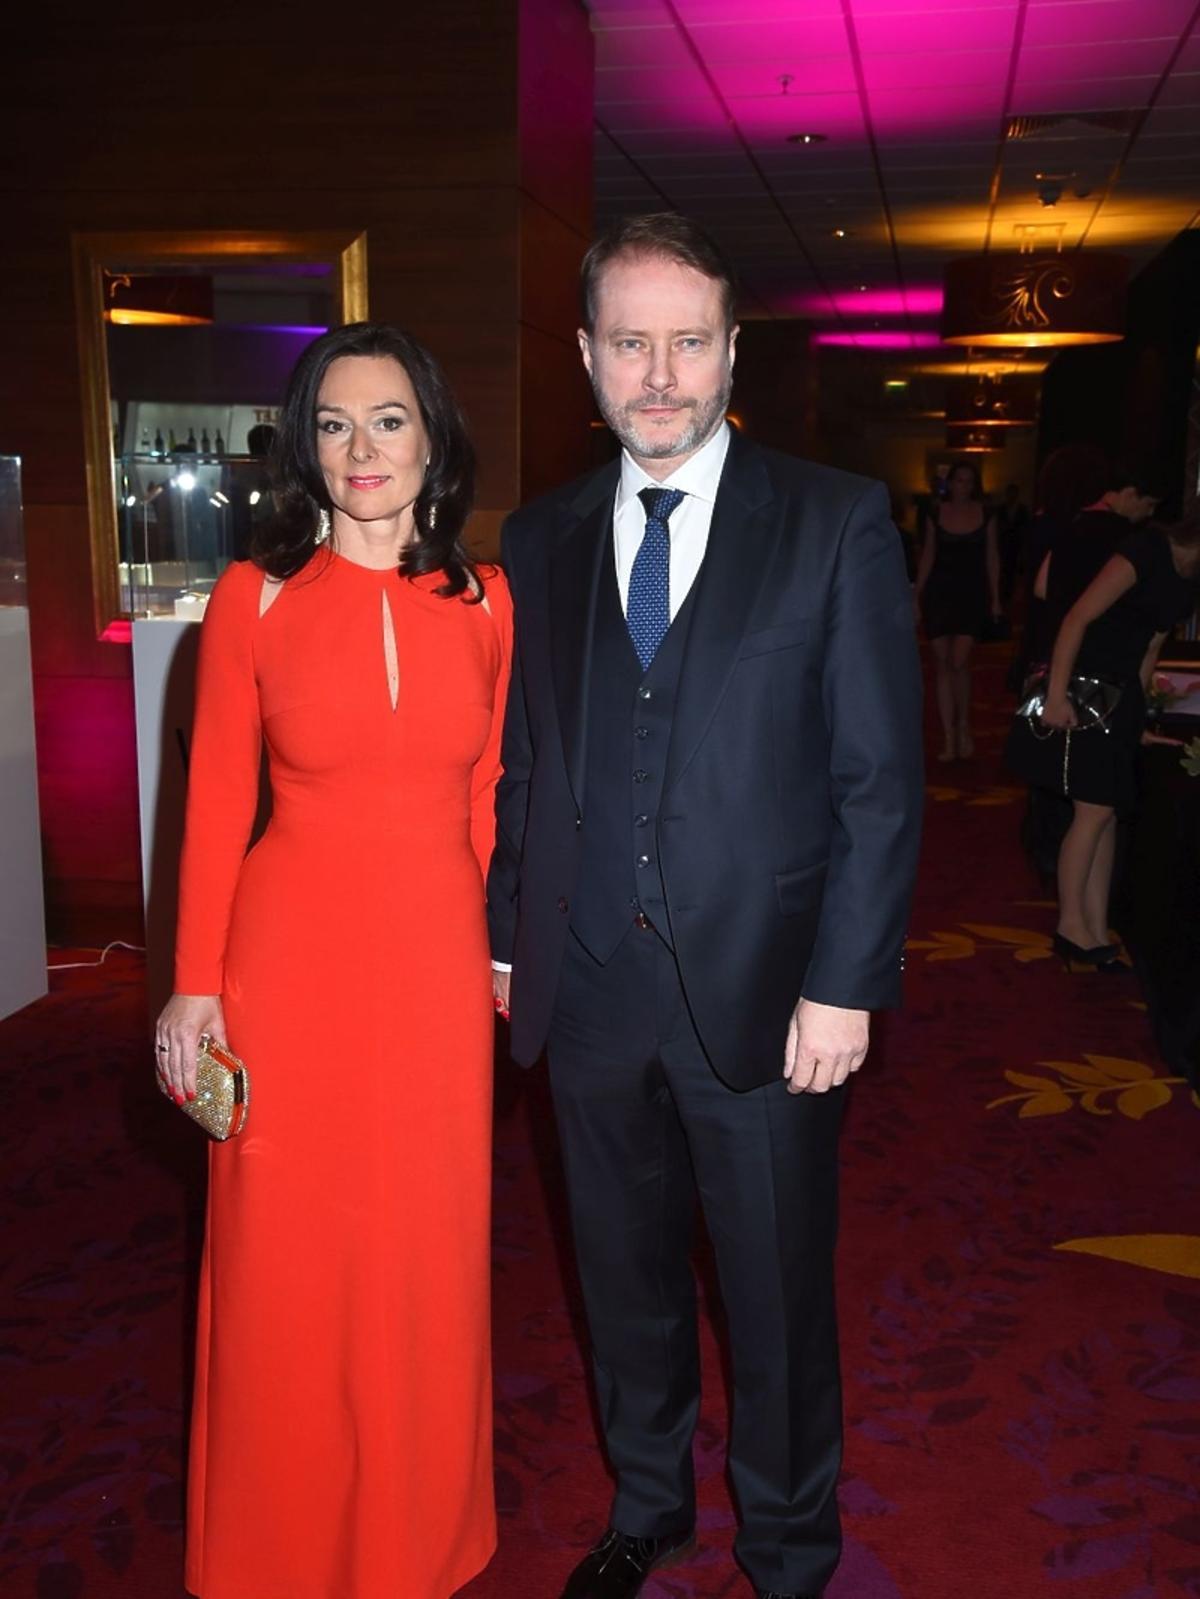 Żona Artura Żmijewskiego w czerwonej sukni